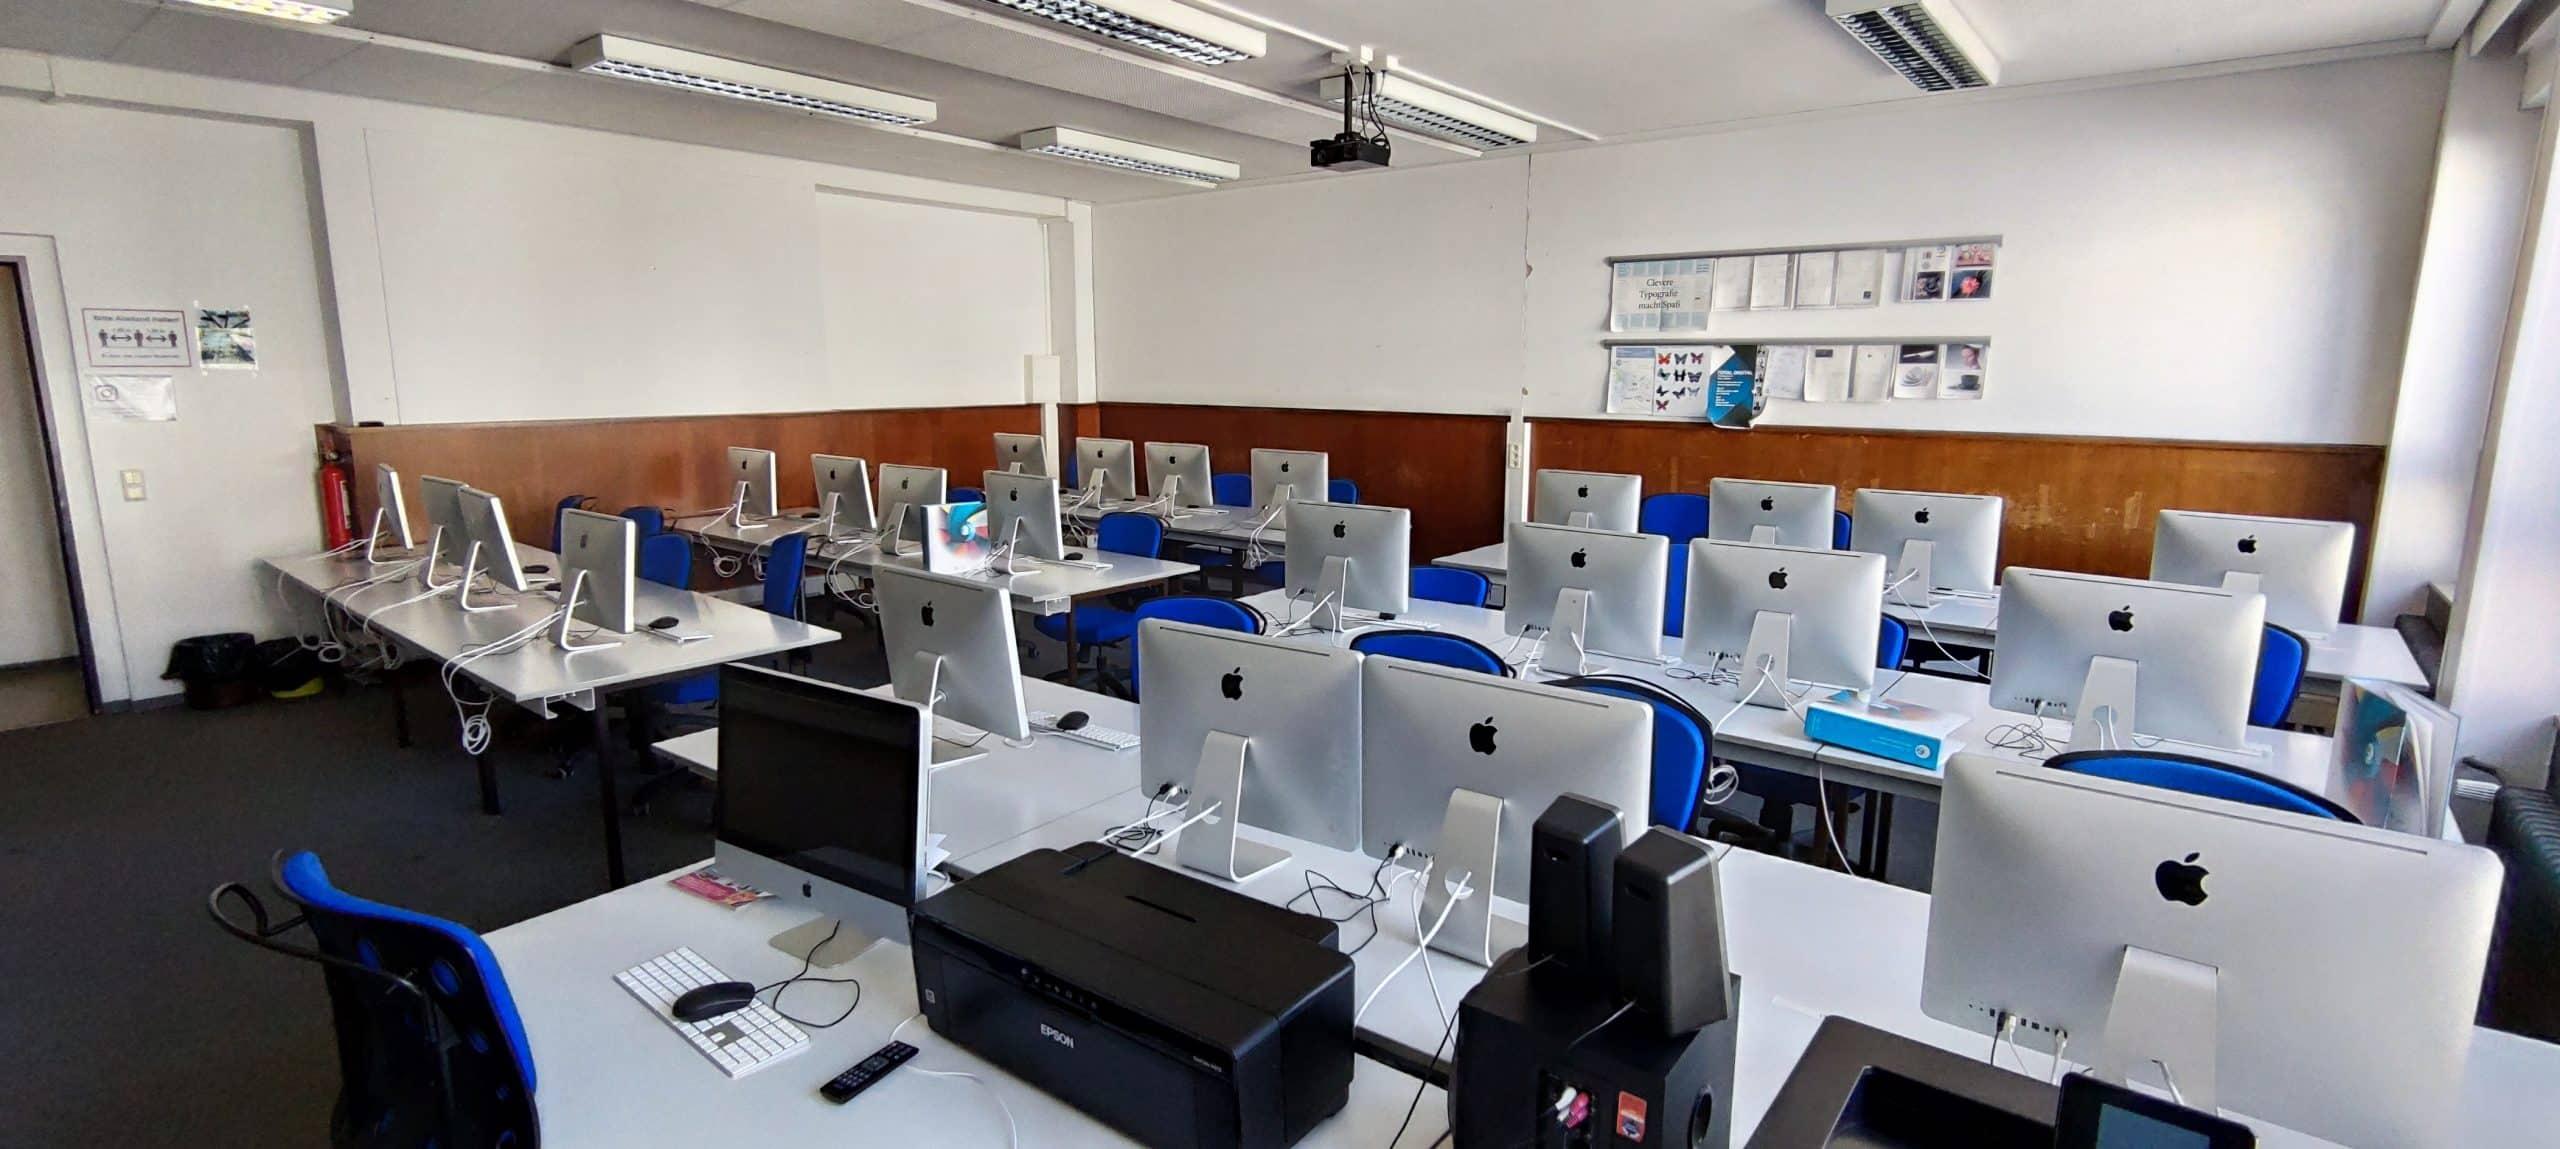 Dr. Zimmermannsche Wirtschaftsschule in Koblenz iMac-Raum aus Lehrerperspektive